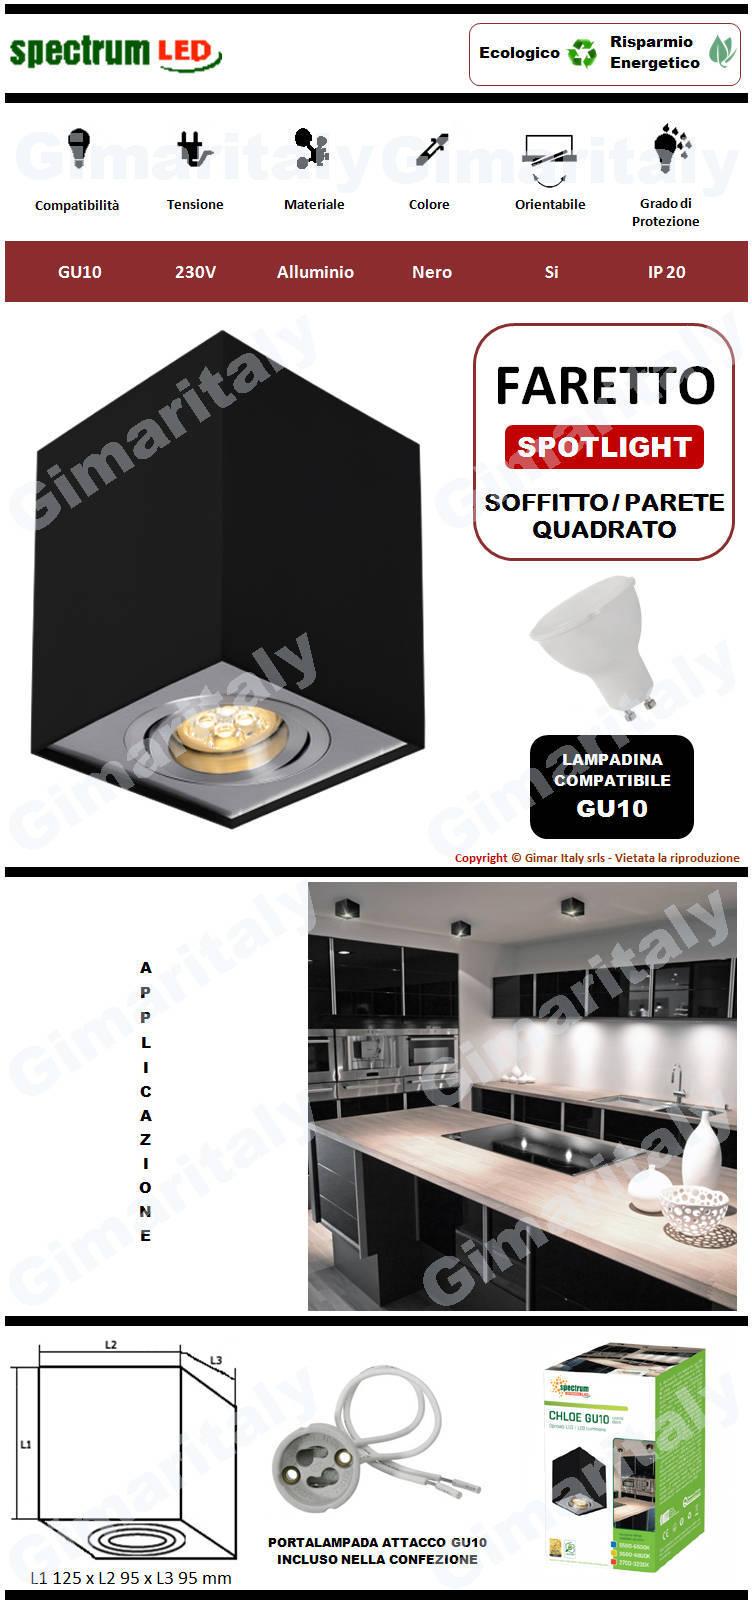 Portafaretto Orientabile Quadrato Nero da soffitto per lampadina GU10 Spectrum